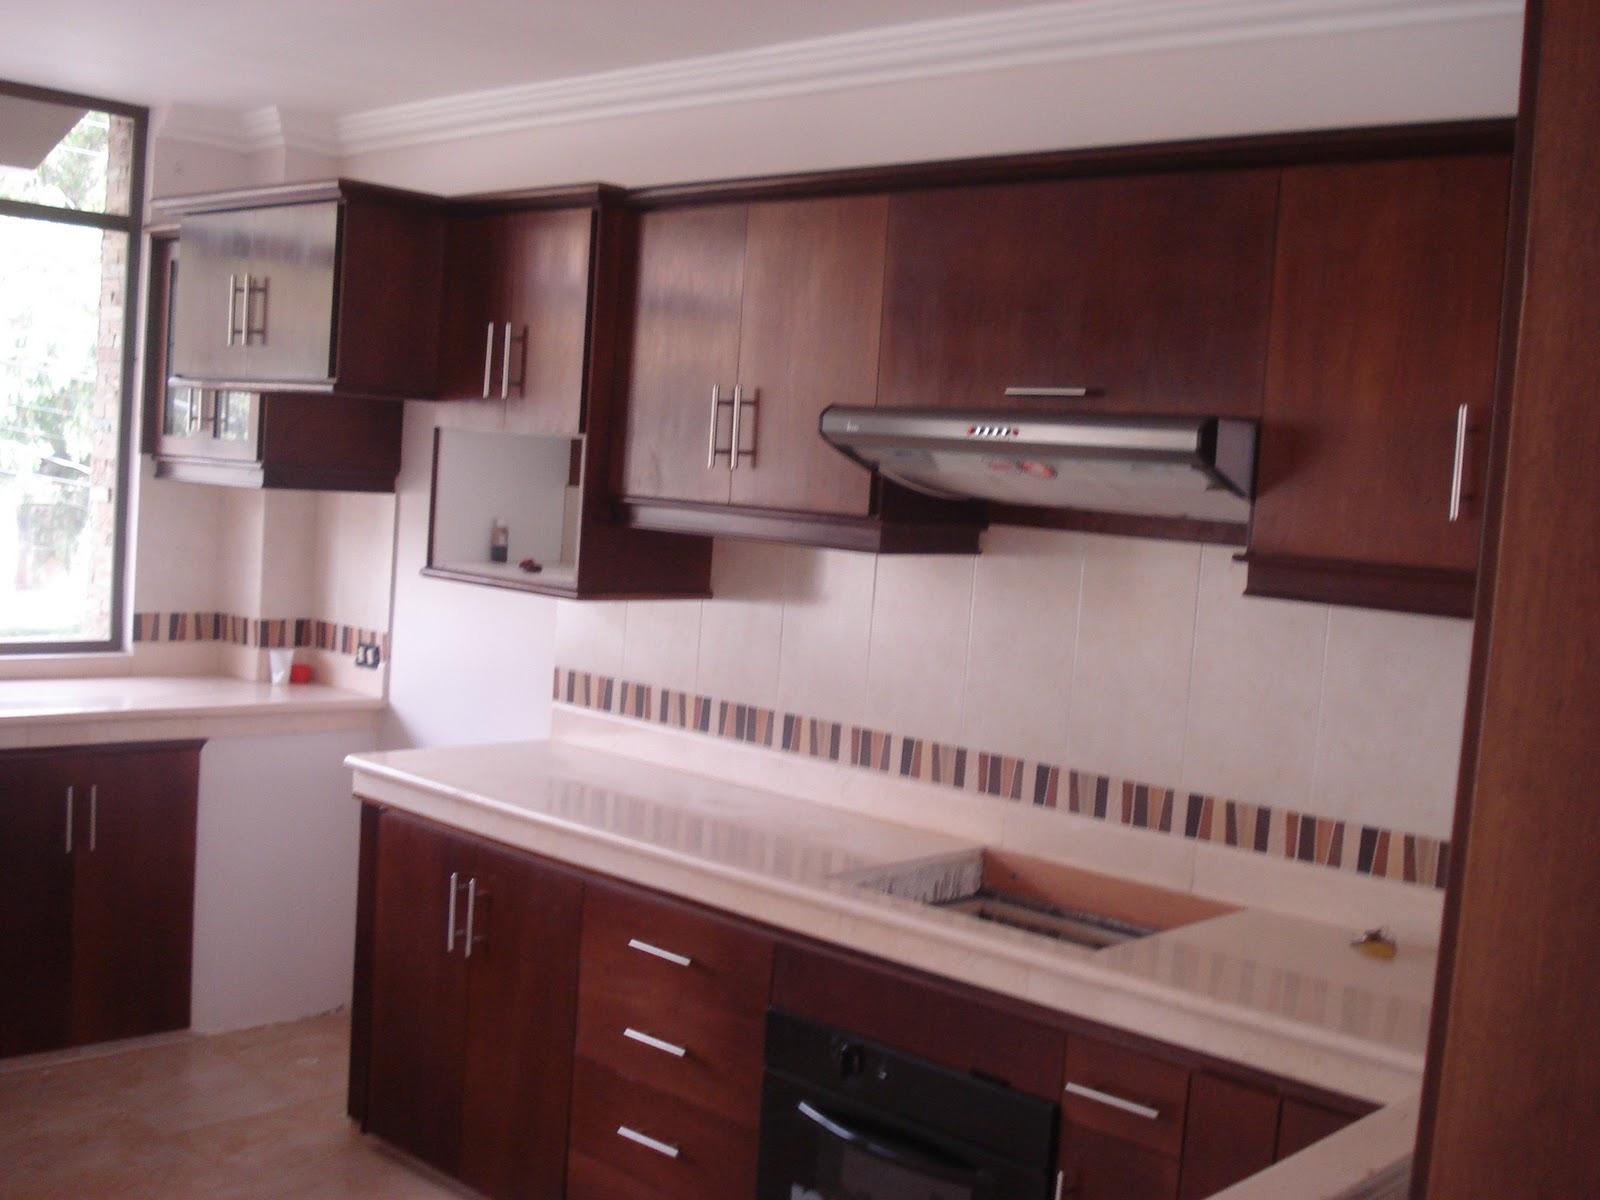 Sociedad decorativa en maderas muebles para su hogar for Accesorios muebles de cocina